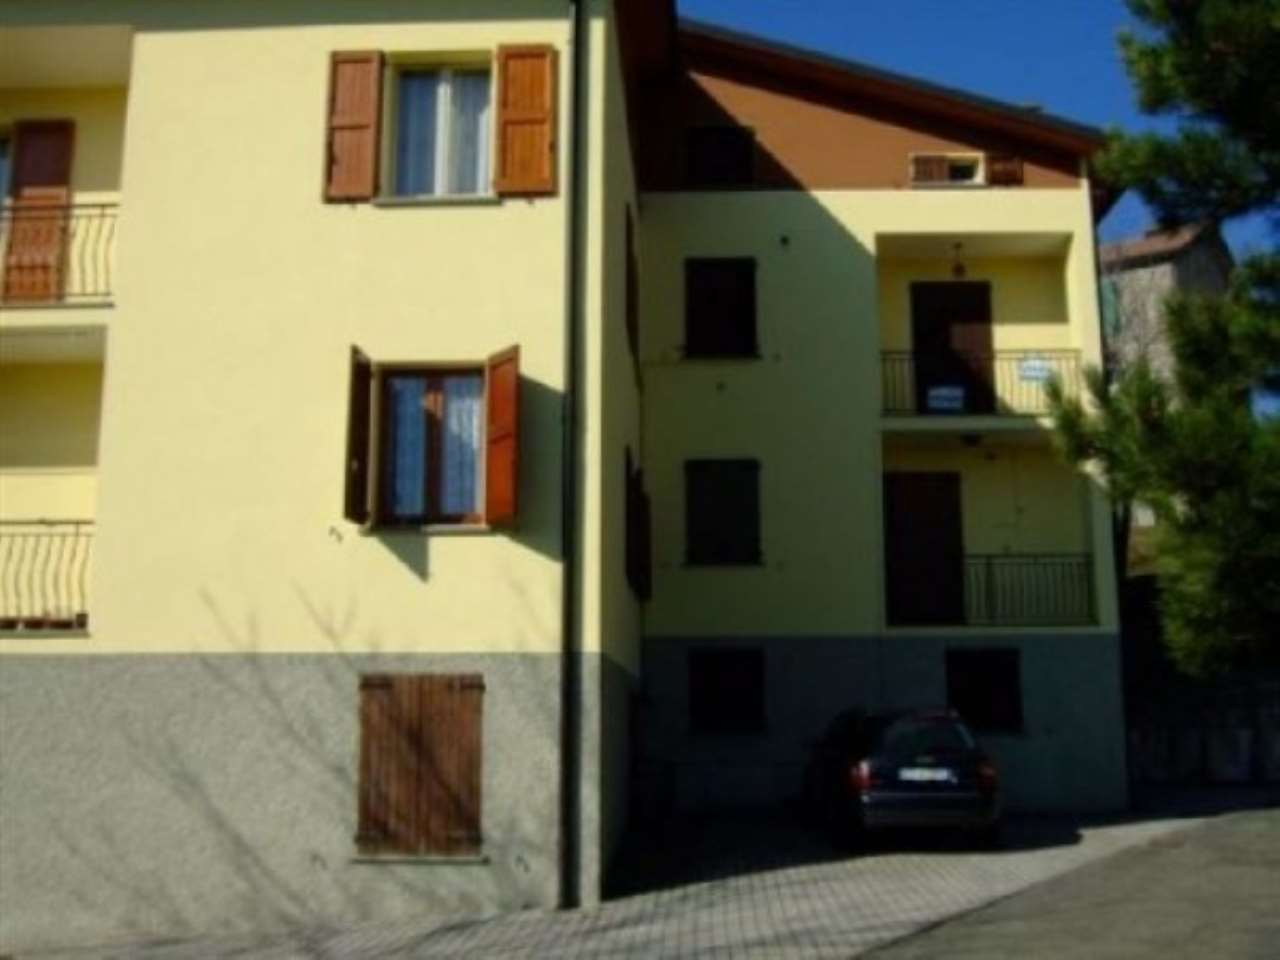 Appartamento in vendita a Villa Minozzo, 5 locali, prezzo € 70.000 | Cambio Casa.it